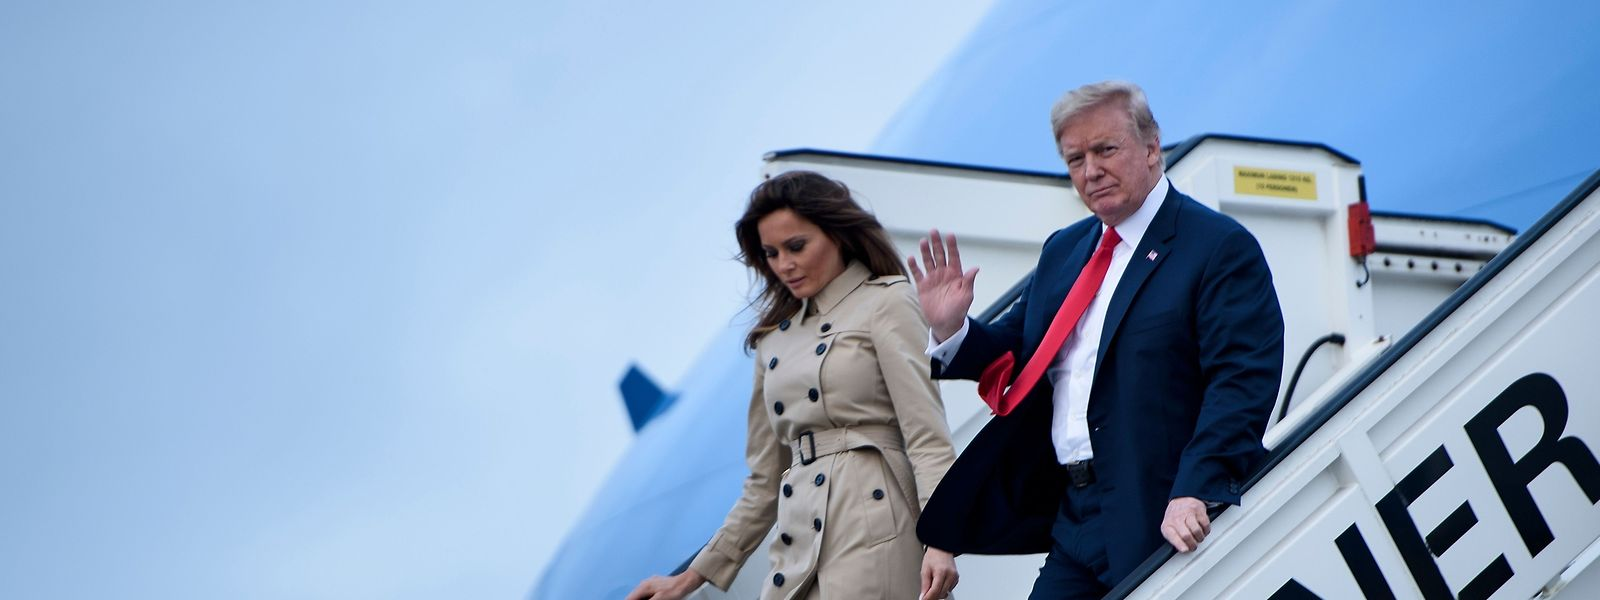 Donald Trump, Präsident der USA, und First Lady Melania Trump steigen bei ihrer Ankunft auf der Melsbroek Air Base aus der Air Force One.